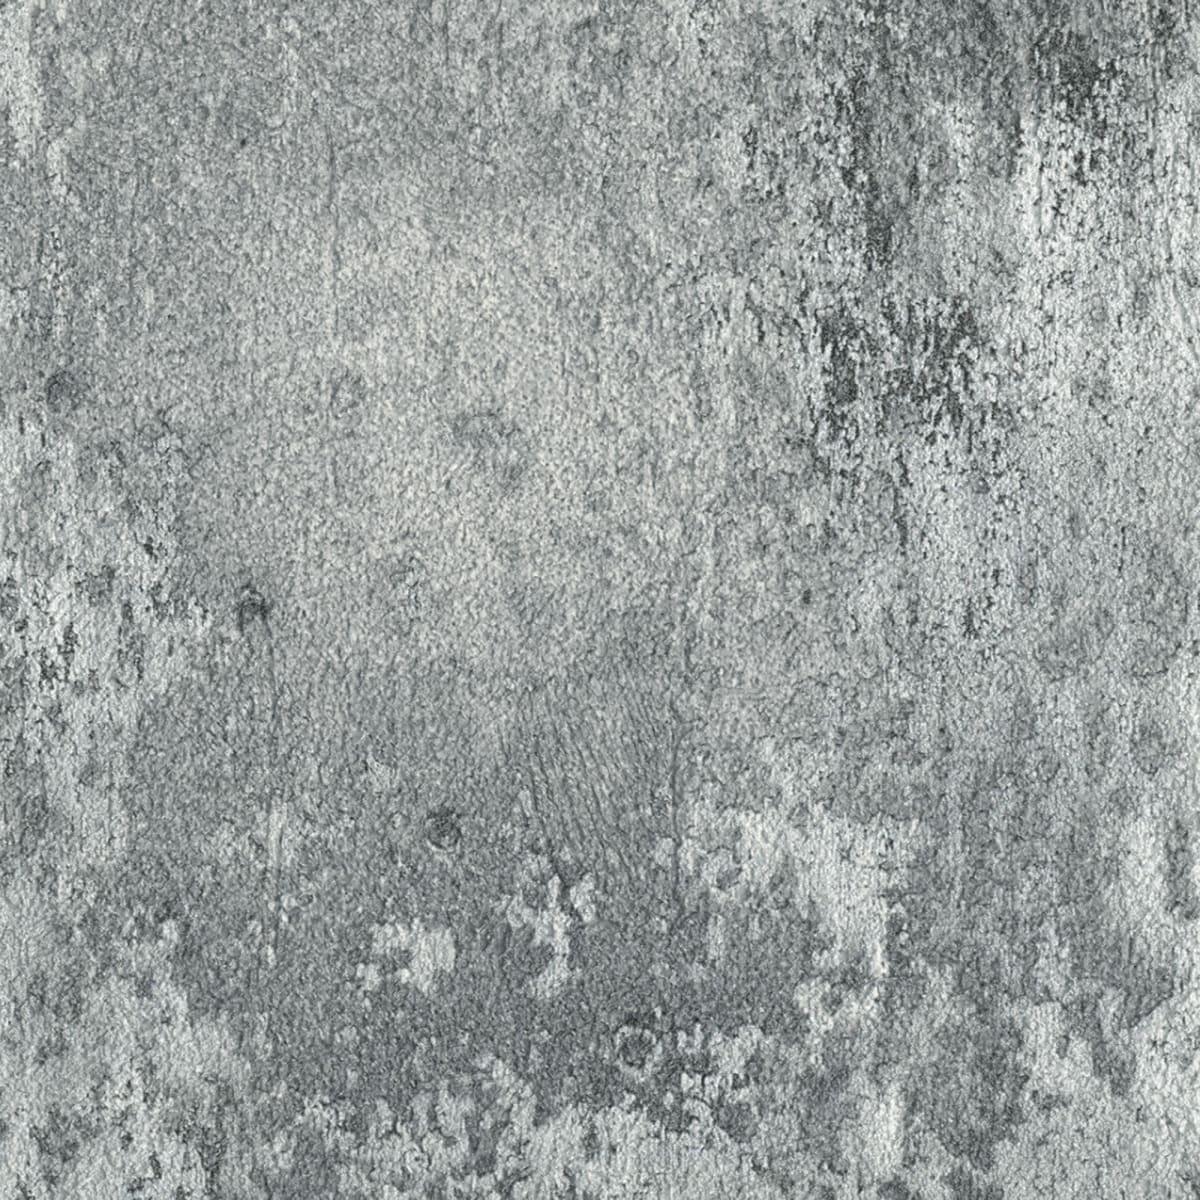 Бетон леруа цементного раствора с дисперсией